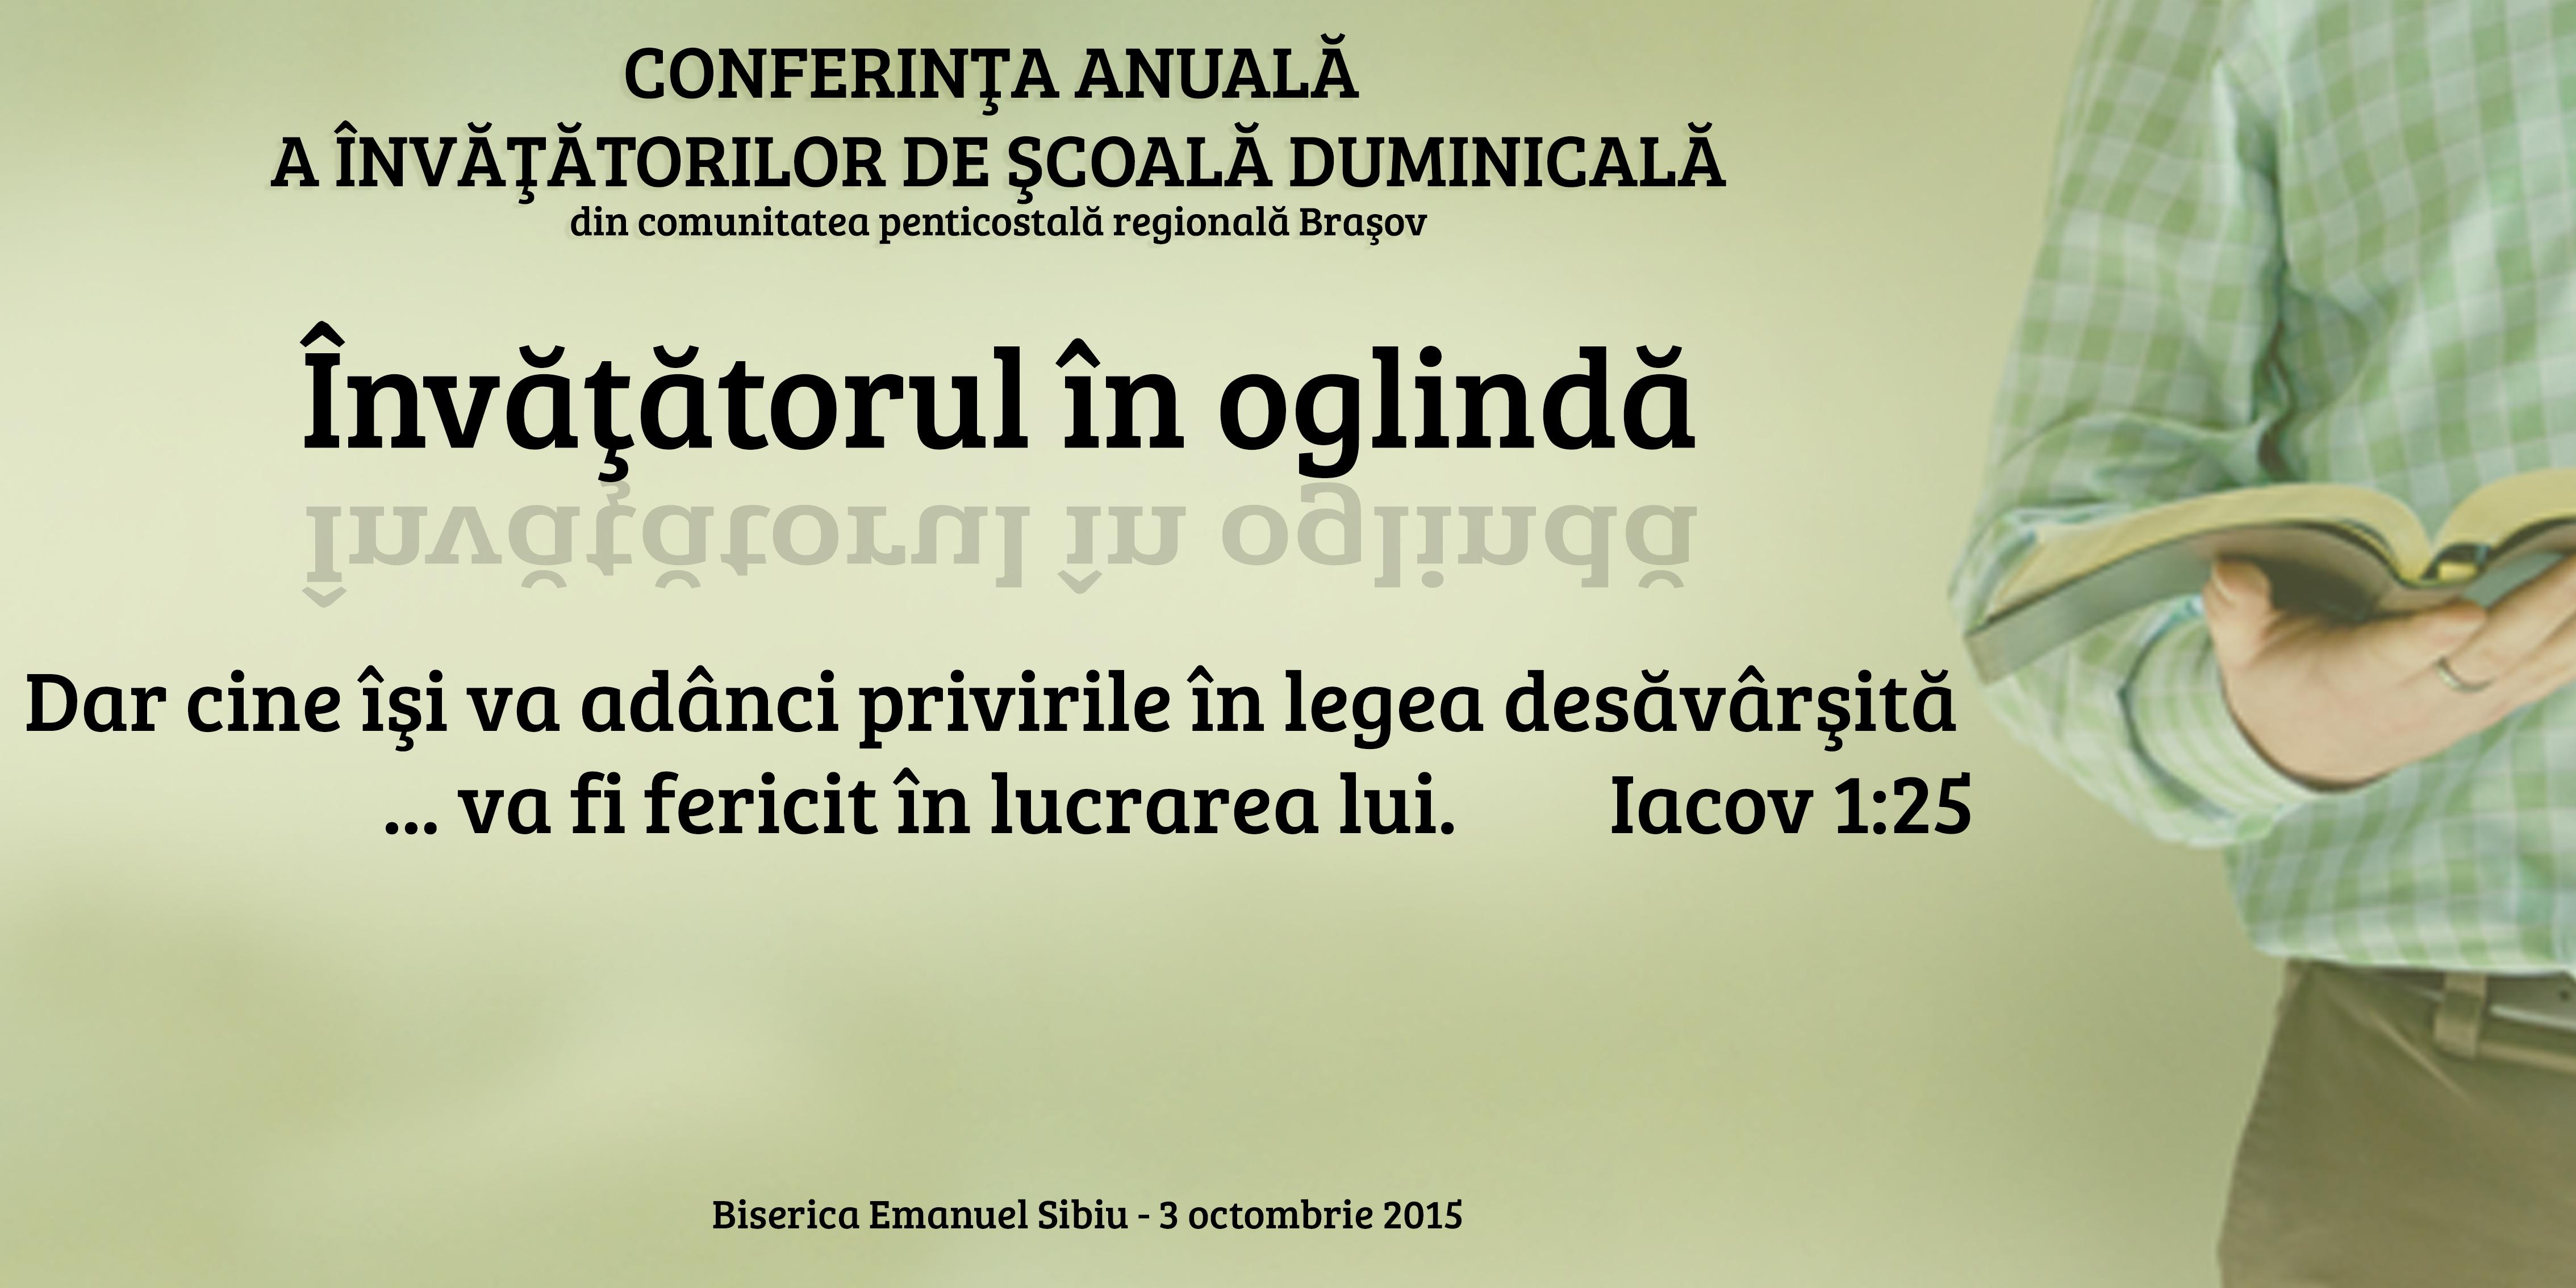 Banner-Conferinta (1)